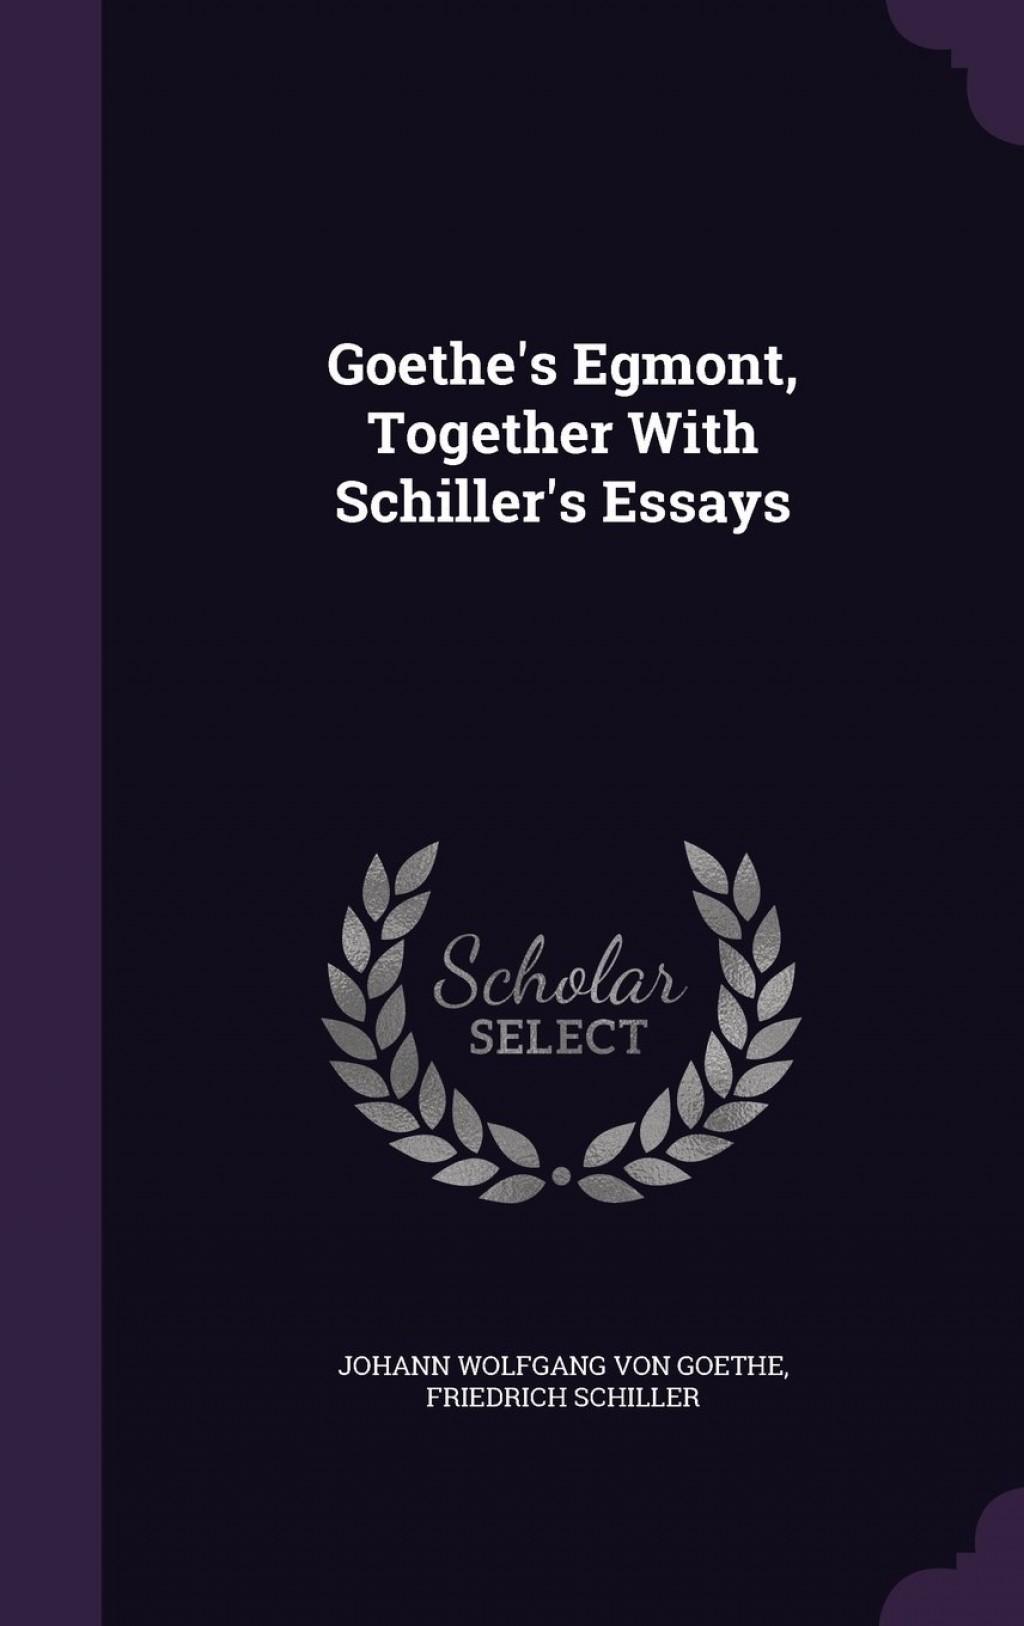 002 Schiller Essays 61lpiqhgzml Essay Awful Friedrich Large